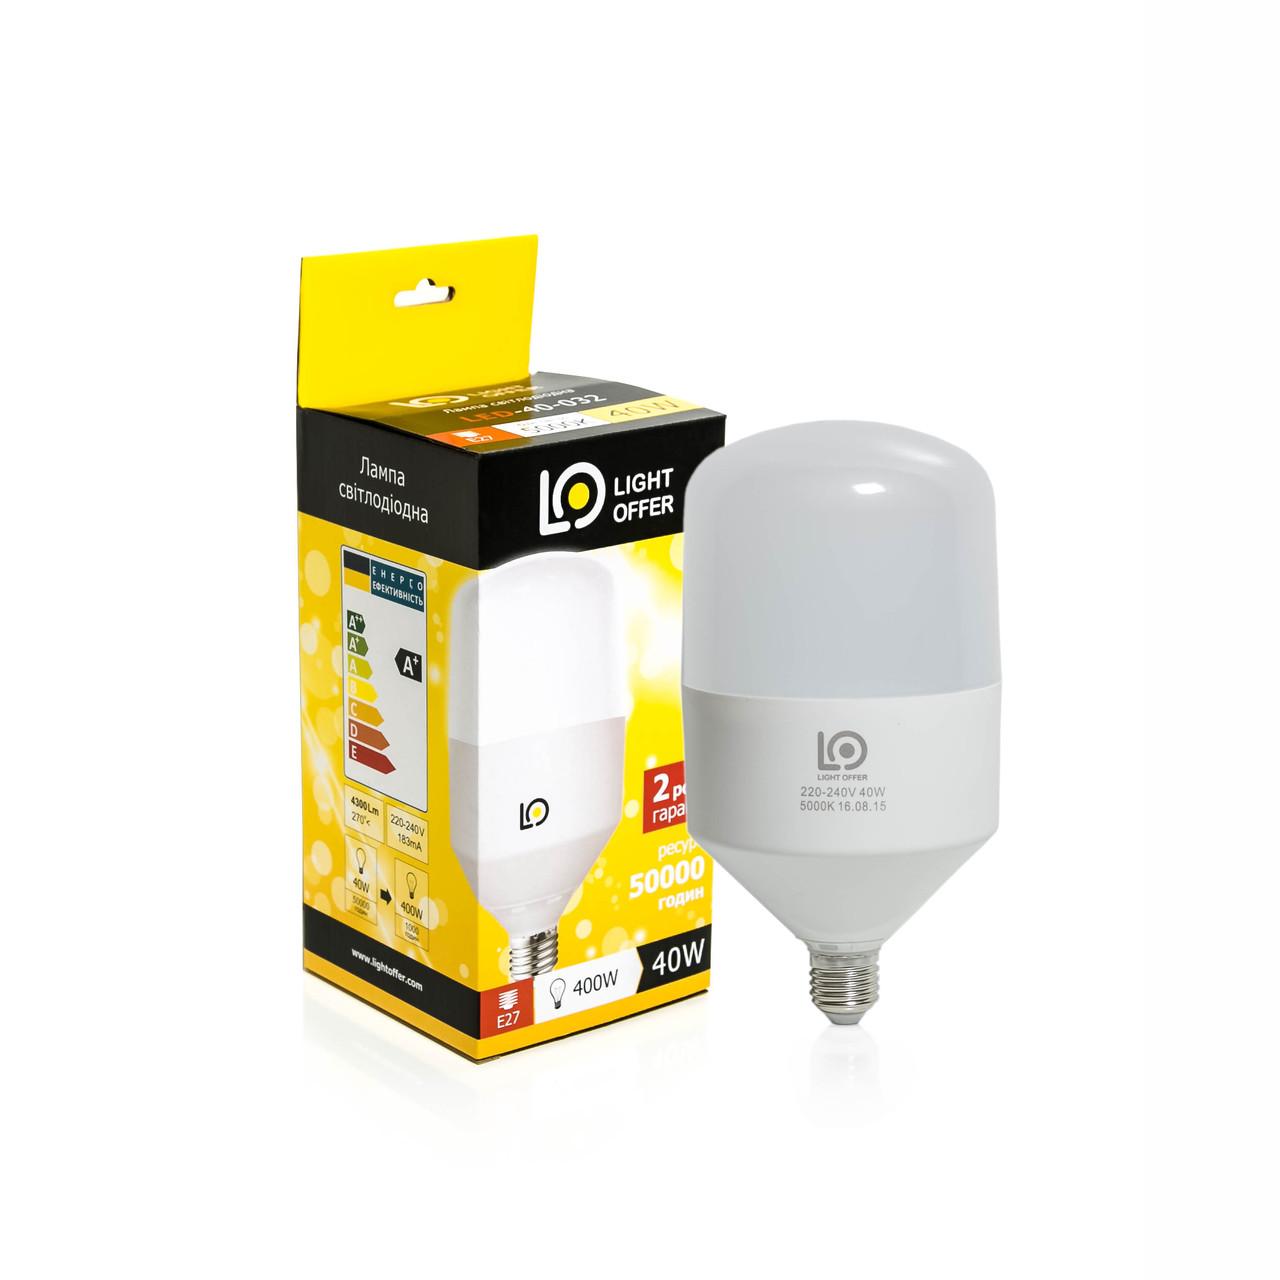 Светодиодная лампа LightOffer H115 40W E27 5000K 4300Lm